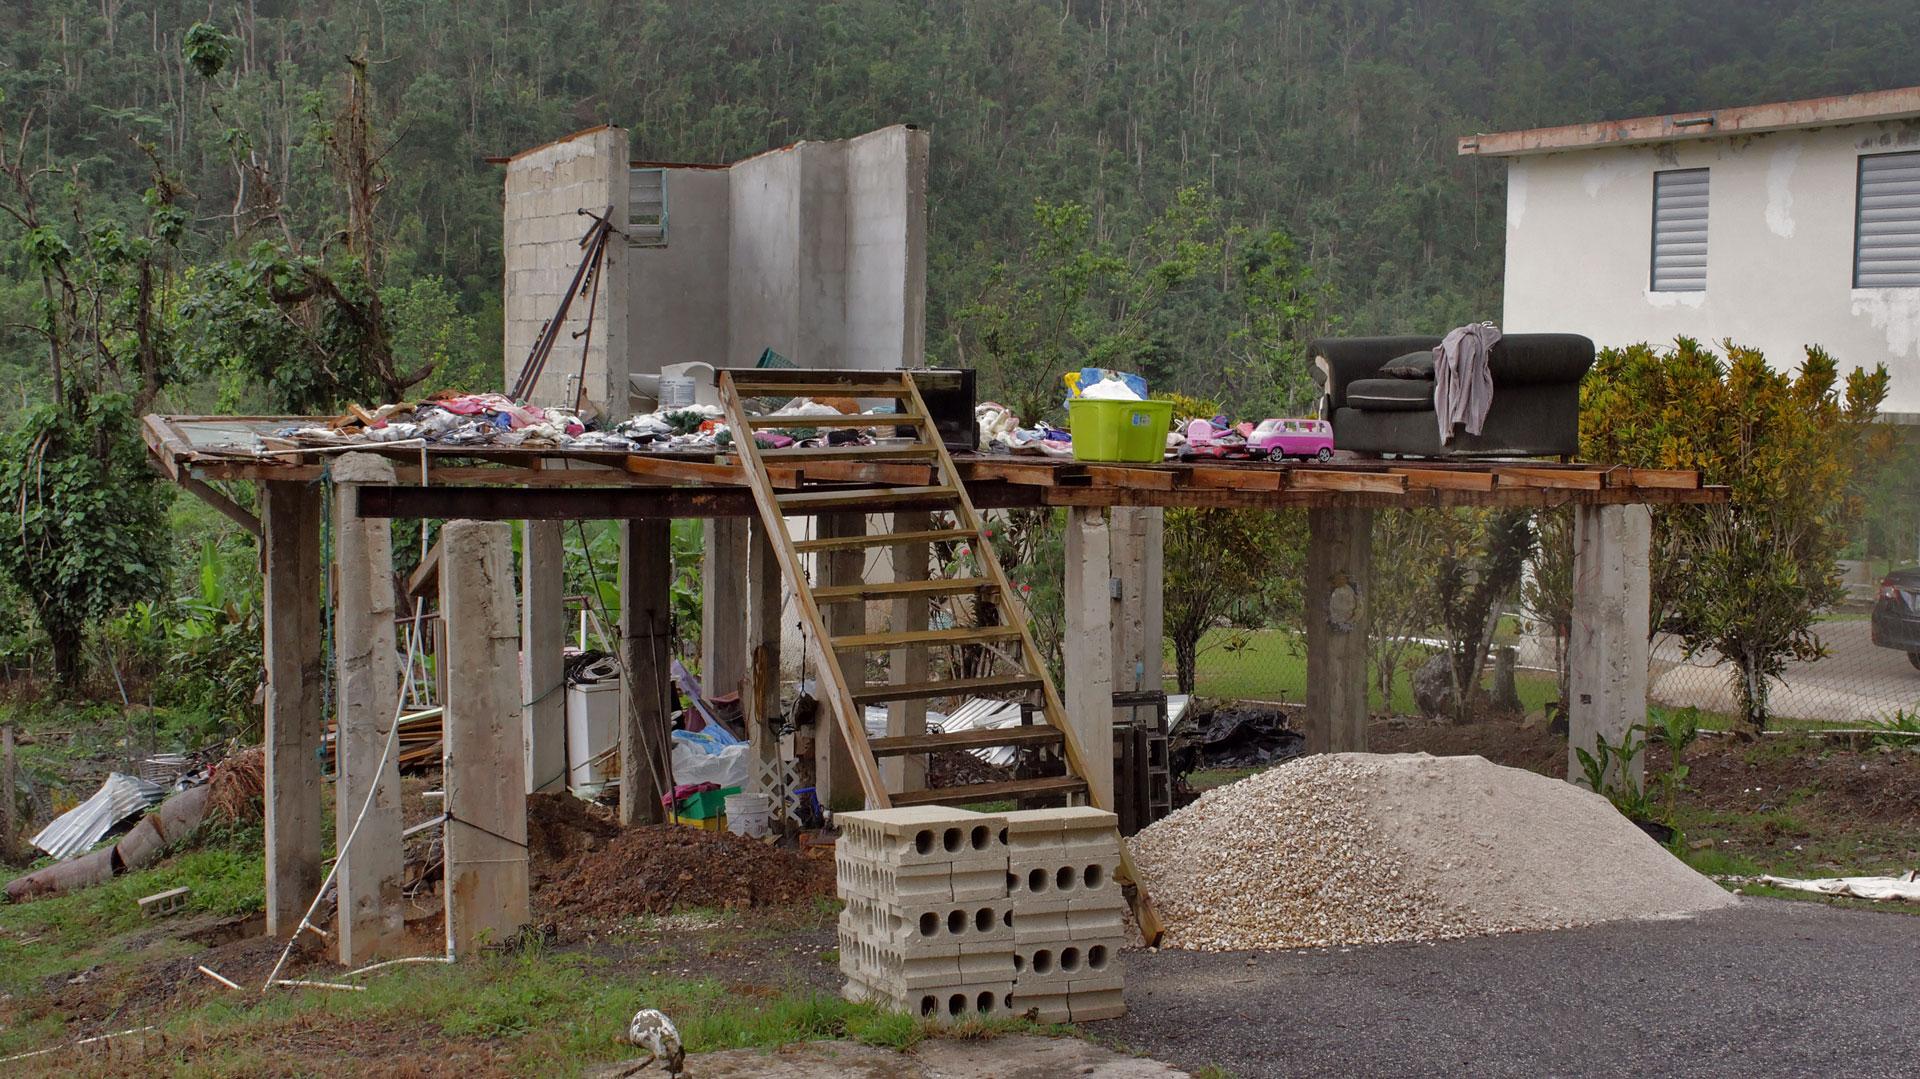 Foto de casa destruida en Orocovis, Puerto Rico.